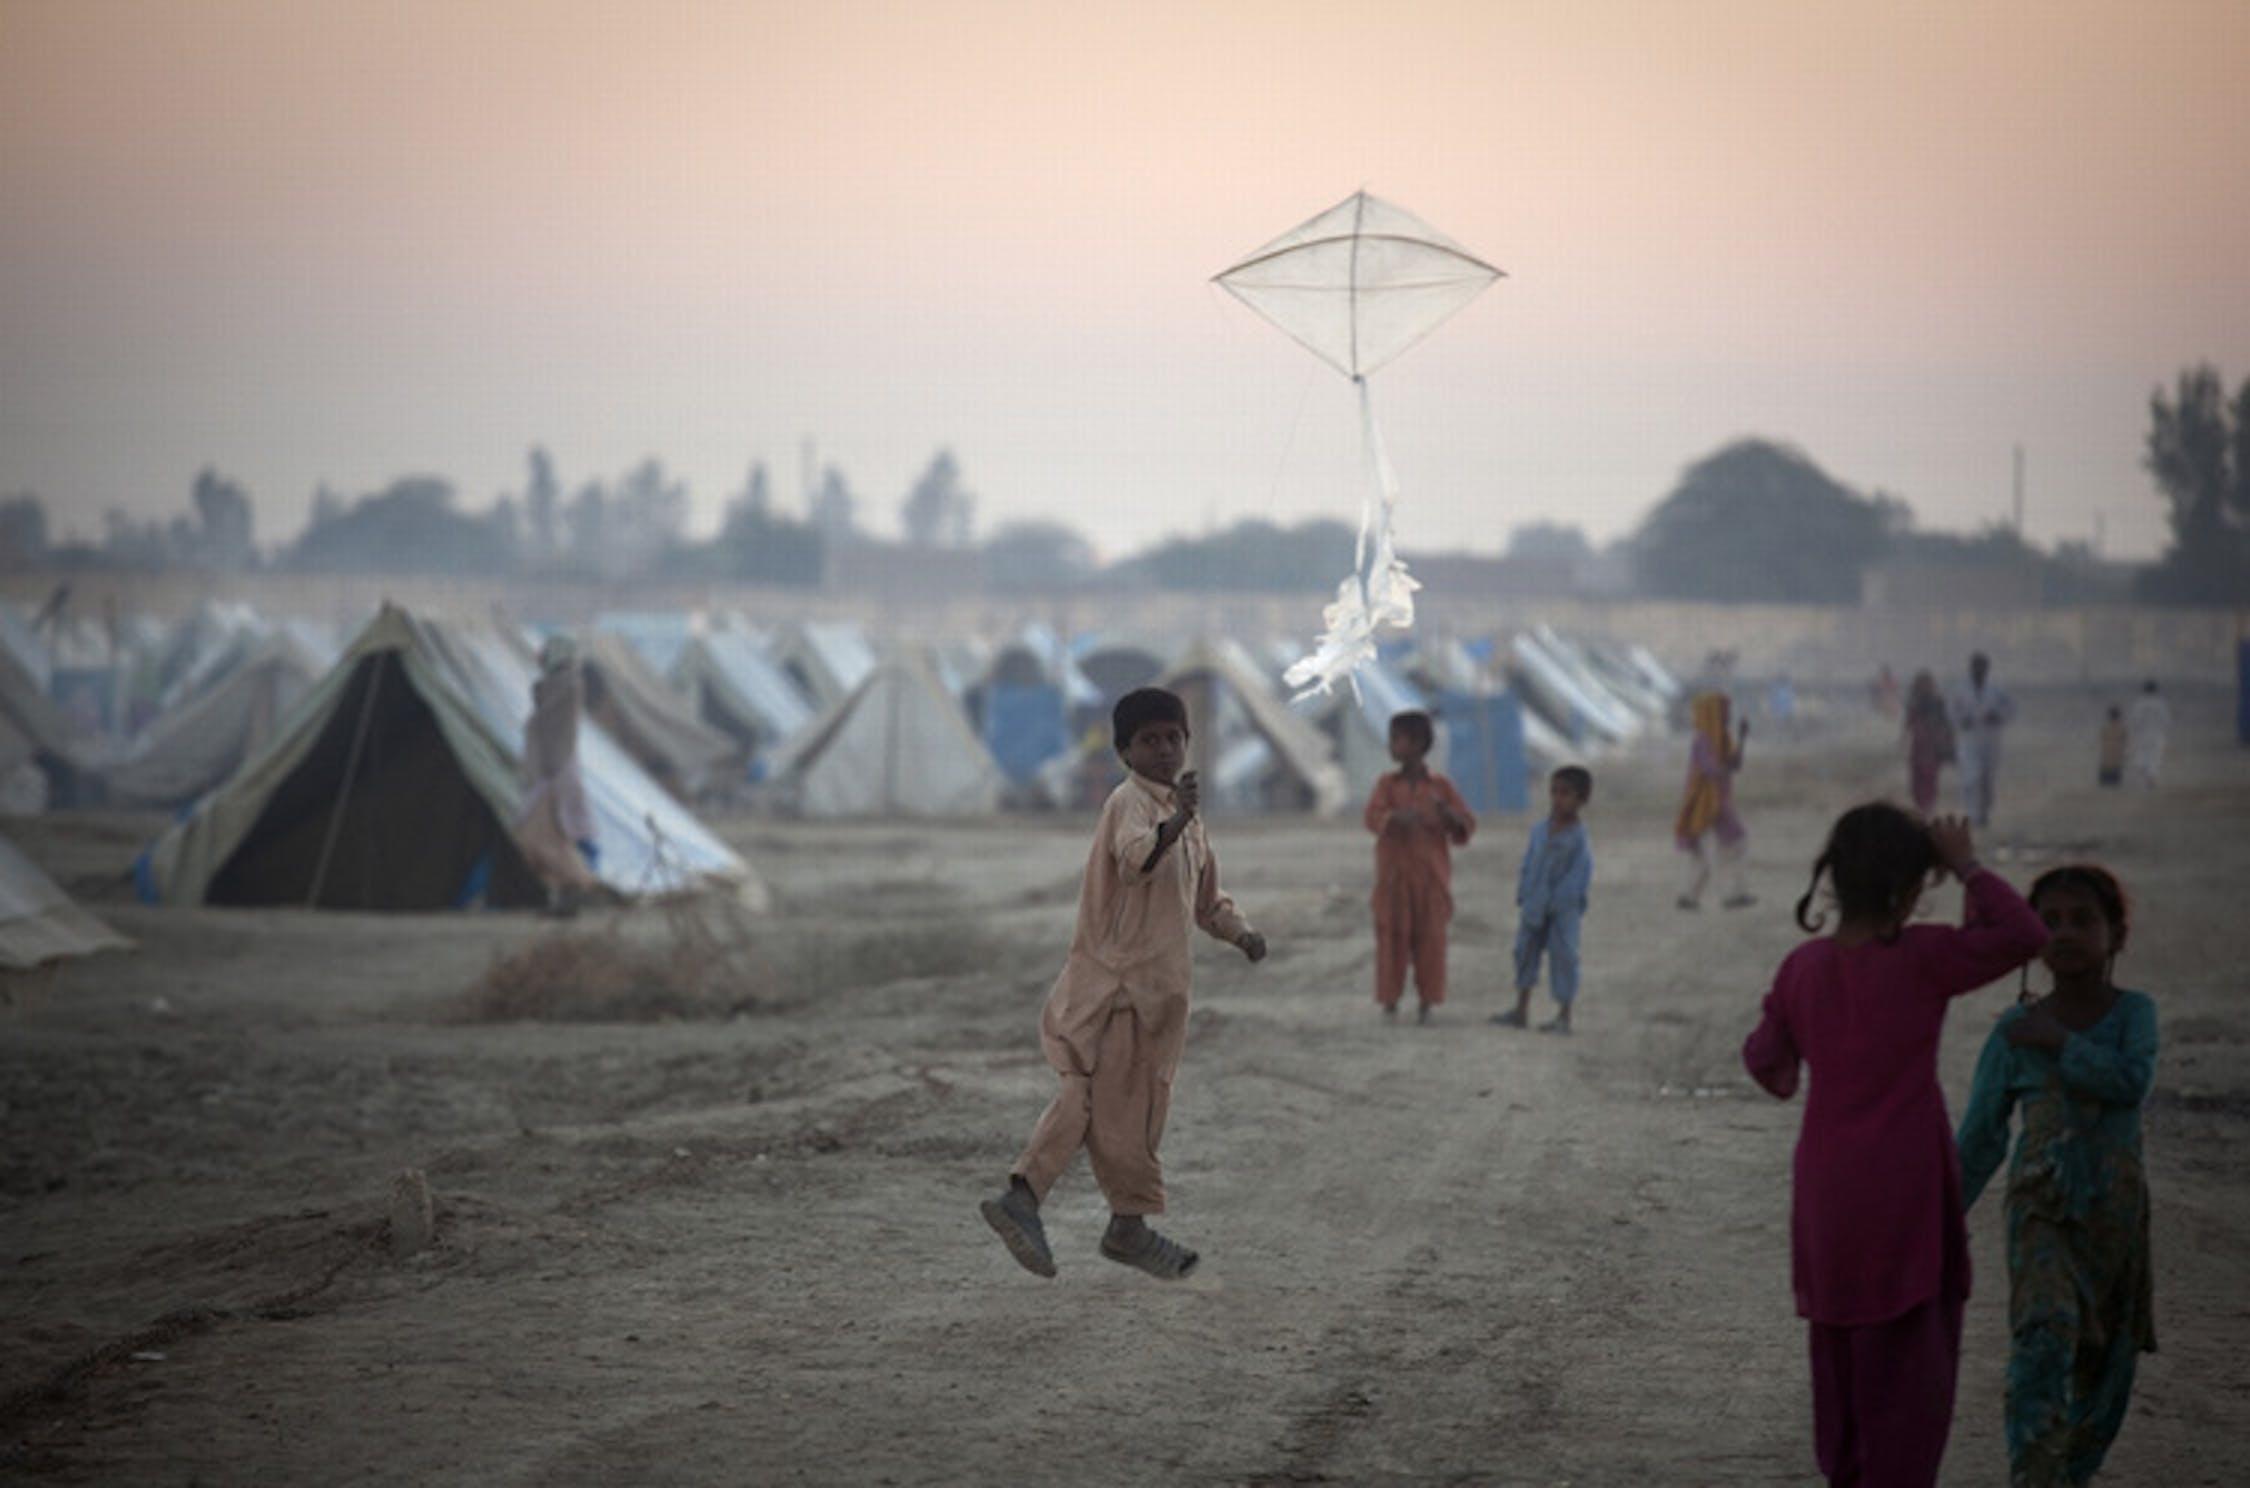 Un bambino fa volare un aquilone in un campo per sfollati a Sukkur, nella provincia del Sindh (Pakistan) - ©UNICEF/2011/Marta Ramoneda